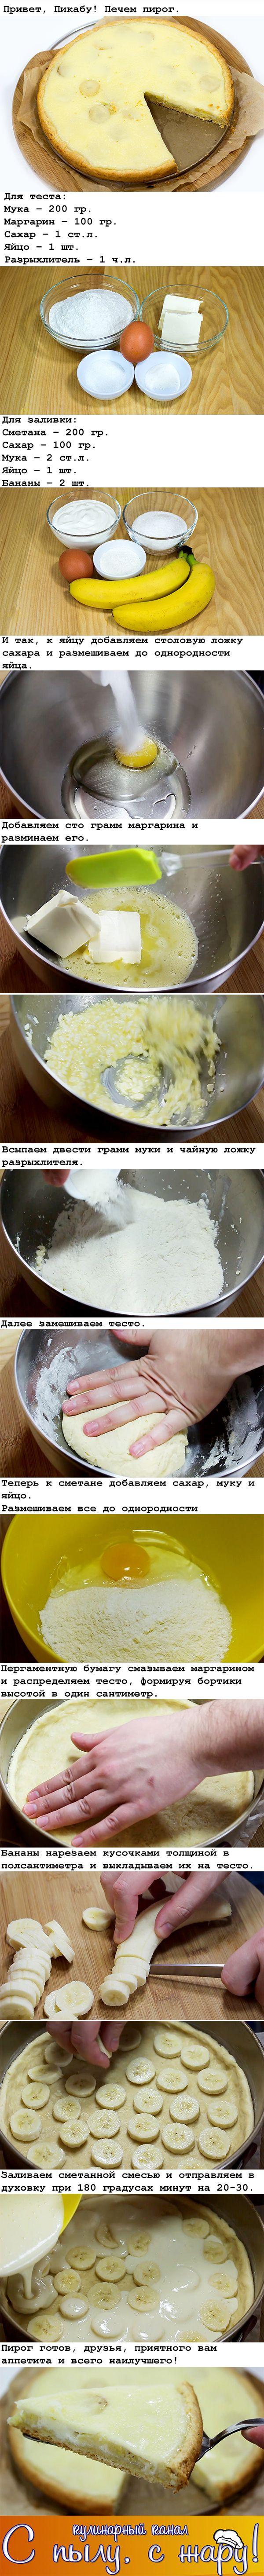 Пирог с бананами еда, рецепт, кулинария, с пылу с жару, пирог, с бананами, пакман, видео, длиннопост